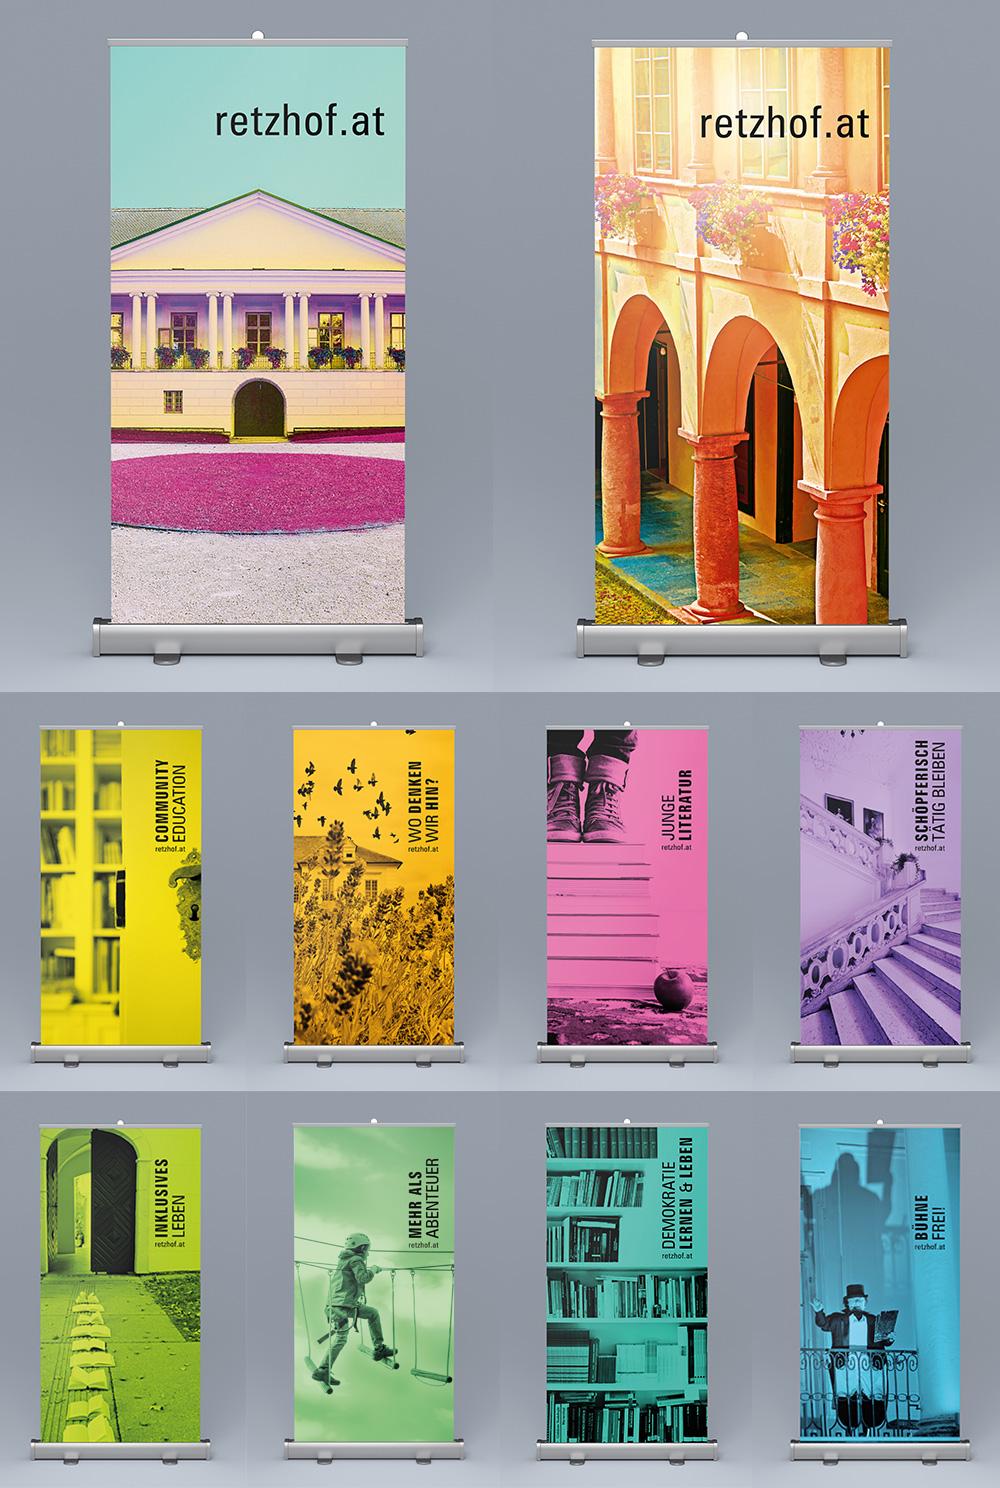 Neue Rollups für das Bildungshaus. Weil das Leben (wie der Retzhof) viele Farben hat!;)